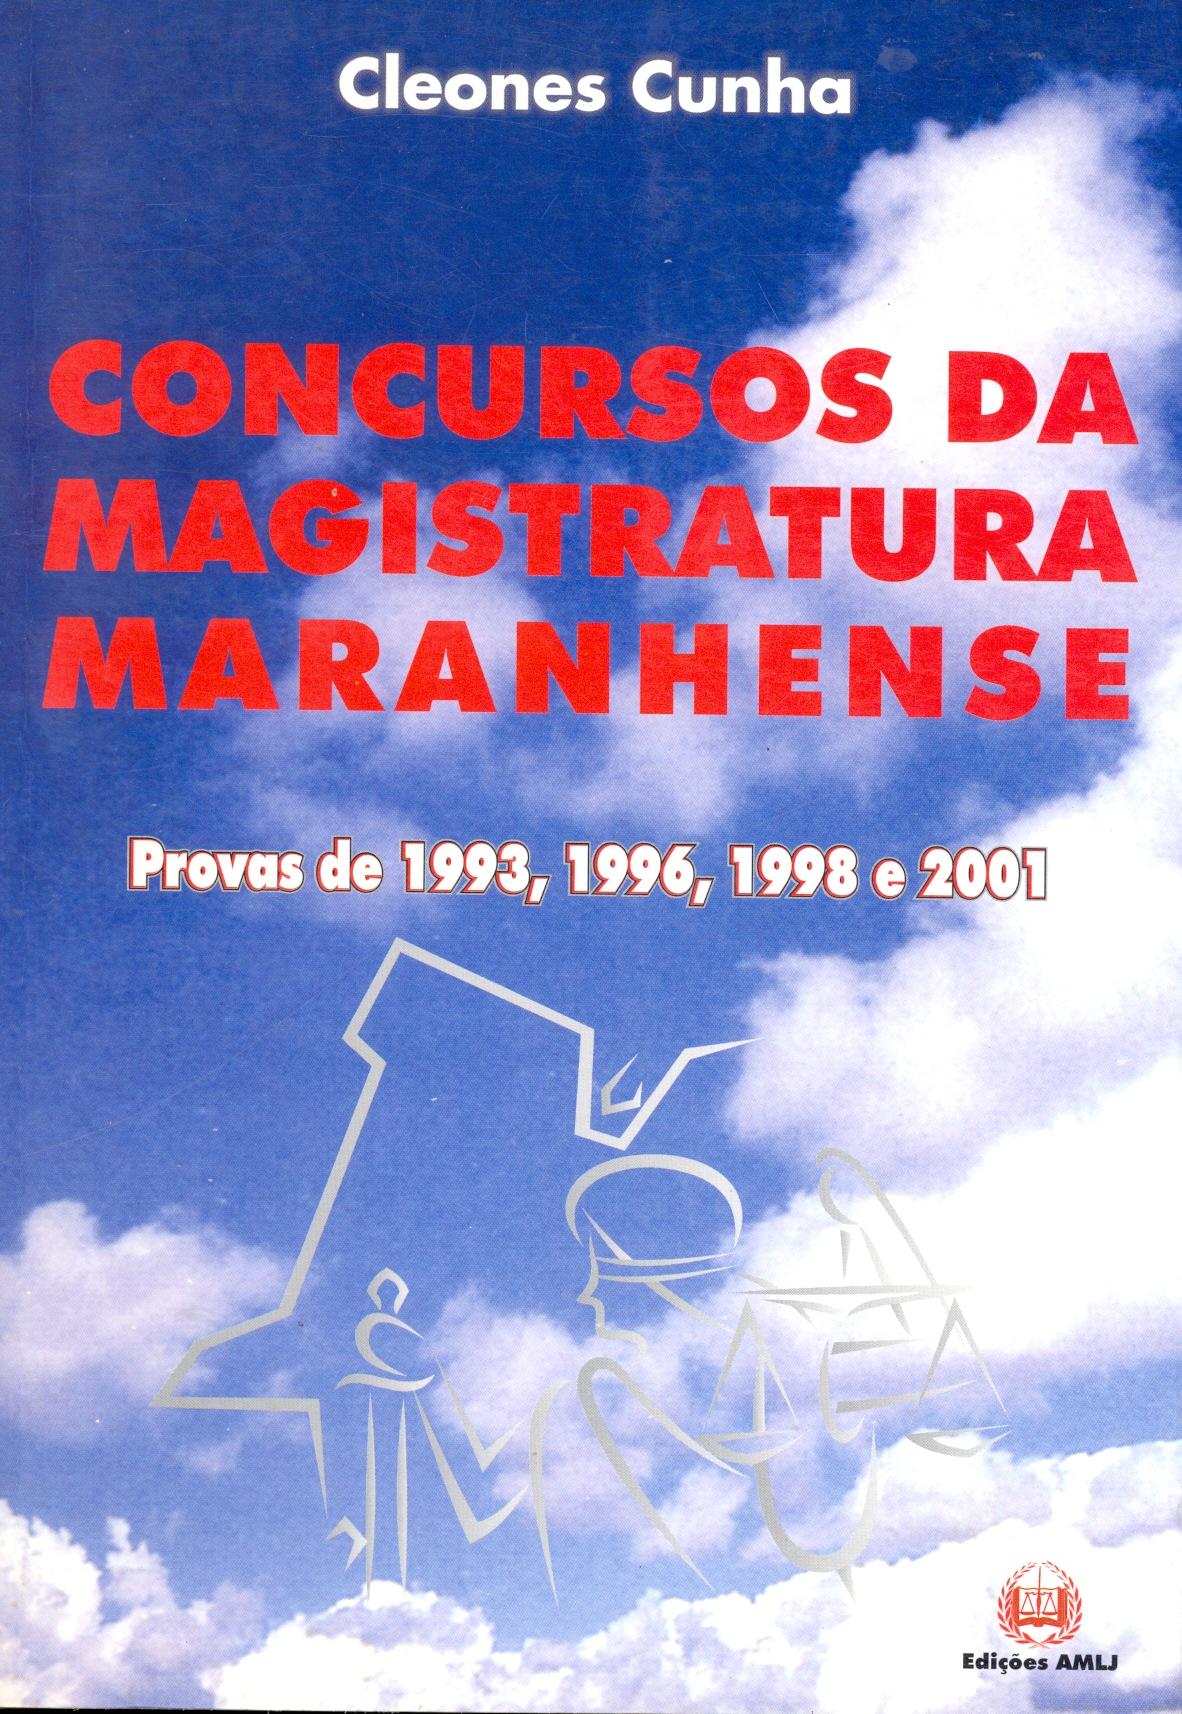 Concursos da Magistratura Maranhense: Provas de 1993,1996,1998 e 2001